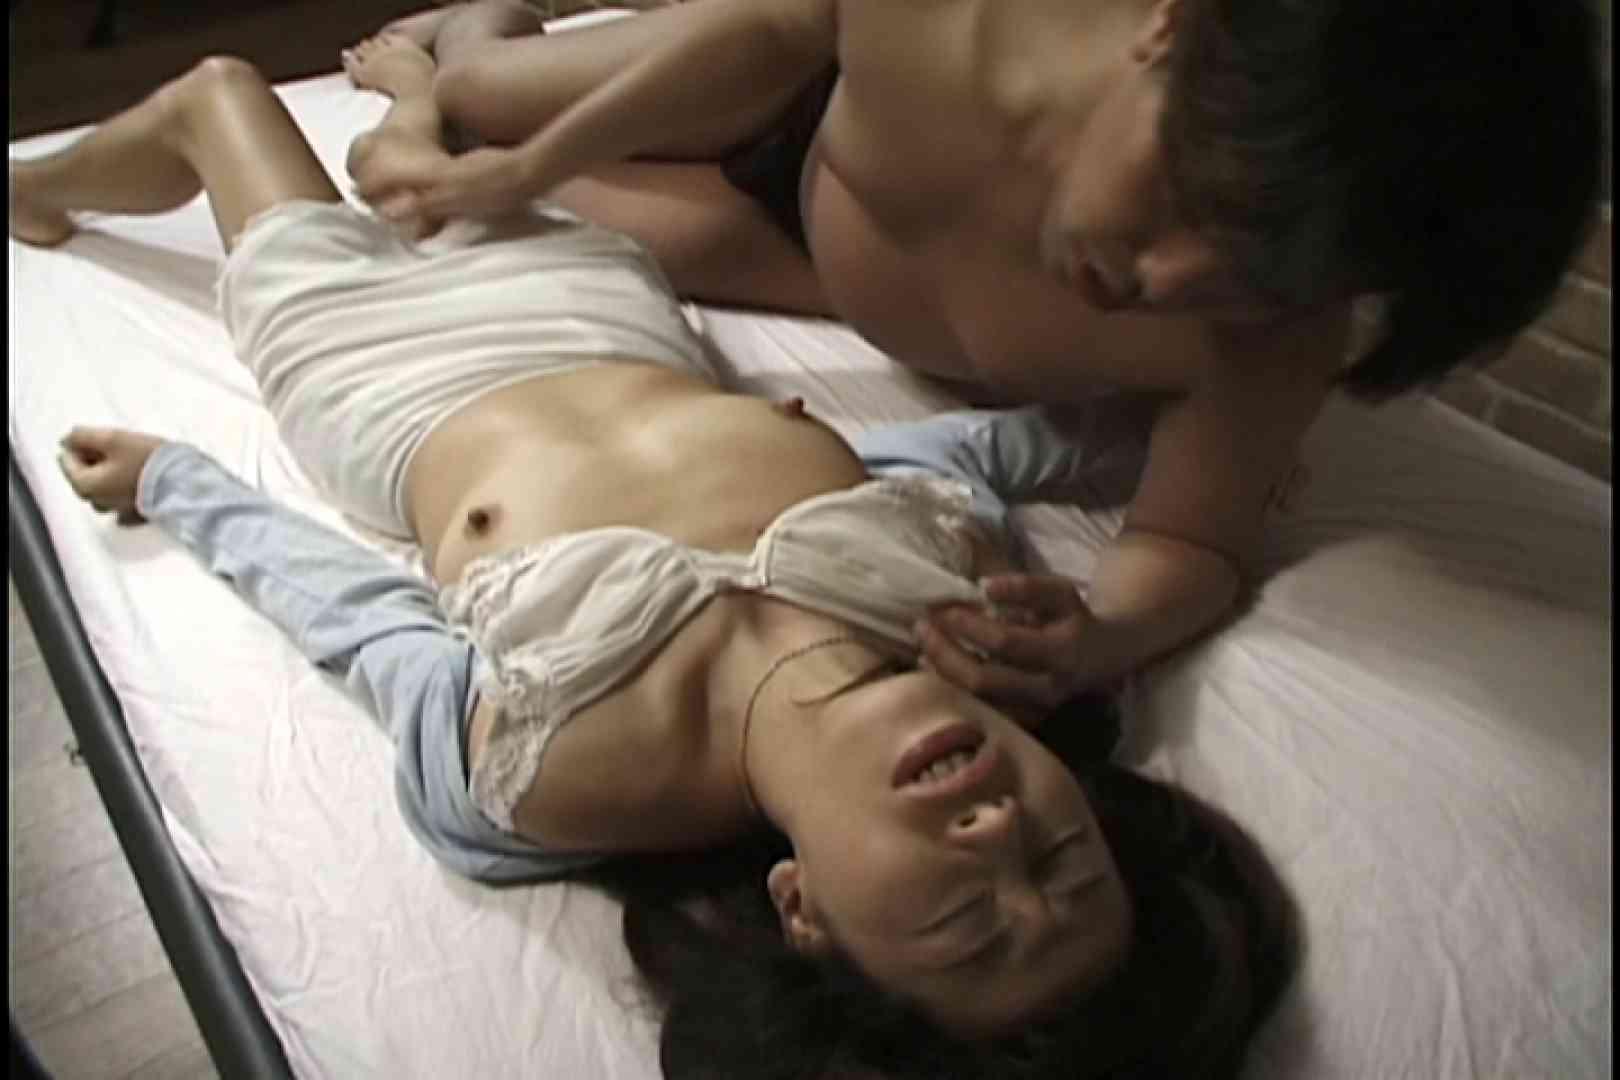 清楚系の奥様にHの火がつき,乱れ狂う~加藤知子~ 熟女のエッチ 盗み撮り動画 80pic 44